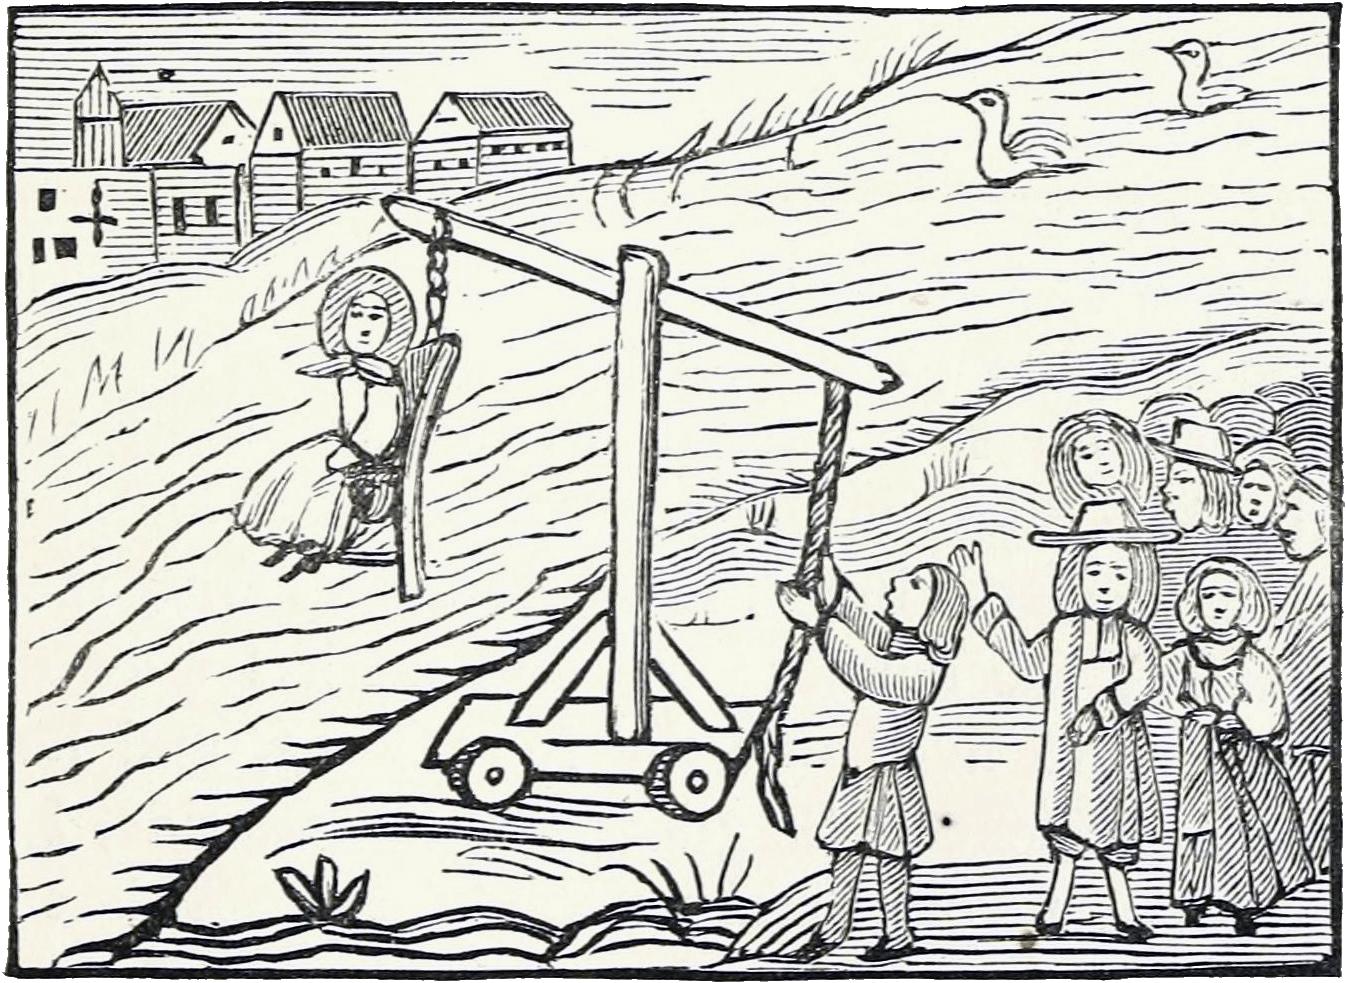 Raganos išbandymas. 18 a. nežinomo dailininko knygos iliustracijos kopija atlikta Džono Aštono (John Ashton) 1834 m. | wikipedia.org nuotr.